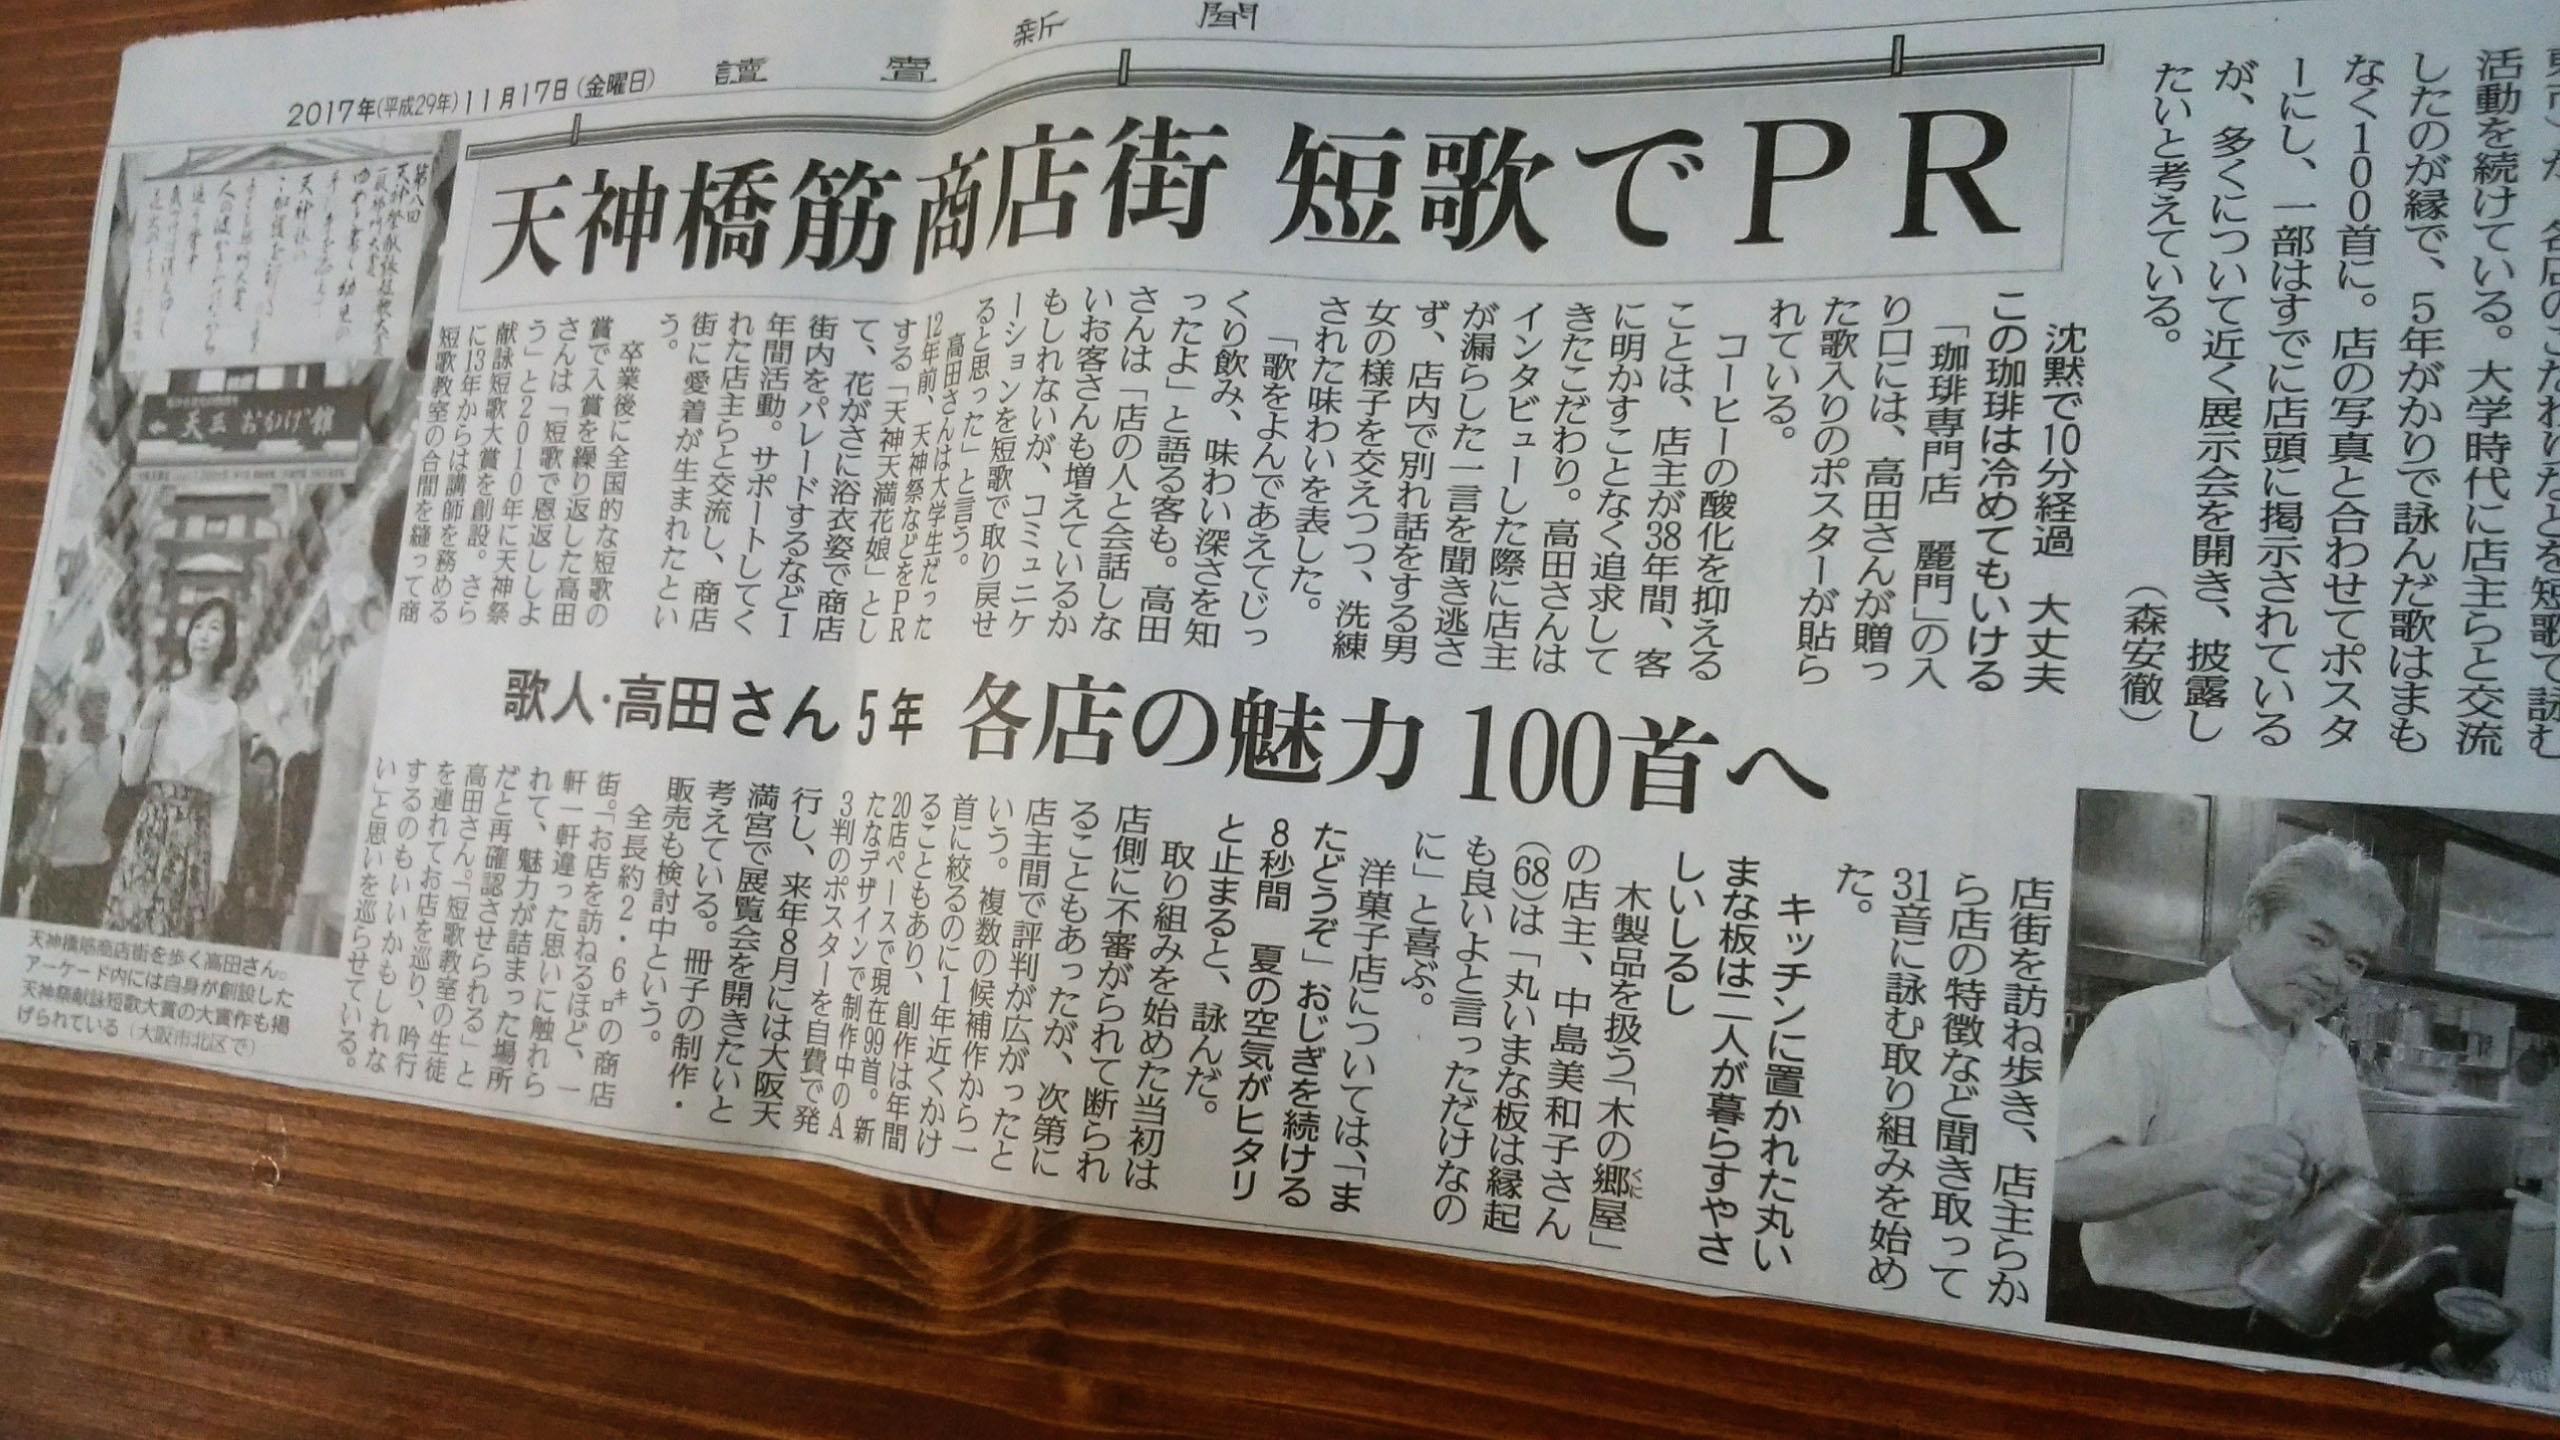 2017年11月 読売新聞に、天神橋筋商店街の短歌ポスターのことを取り上げていただきました。